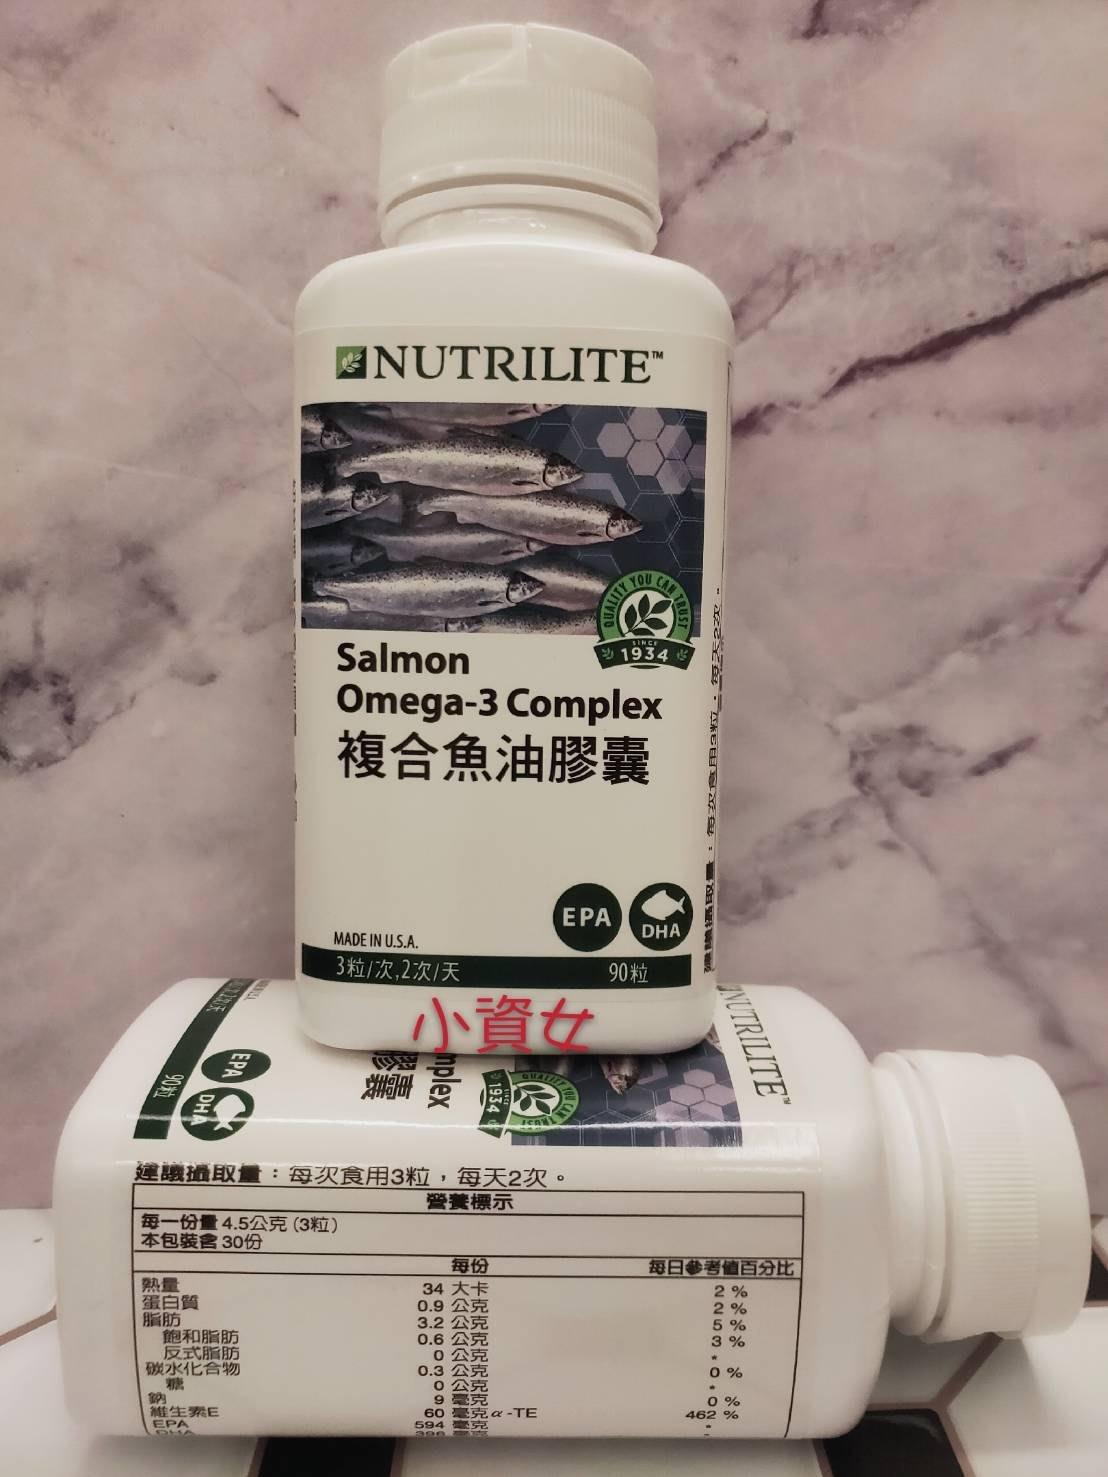 安麗複合魚油膠囊  【全館滿2千免運】安麗 紐崔萊 魚油 複合魚油   小資女